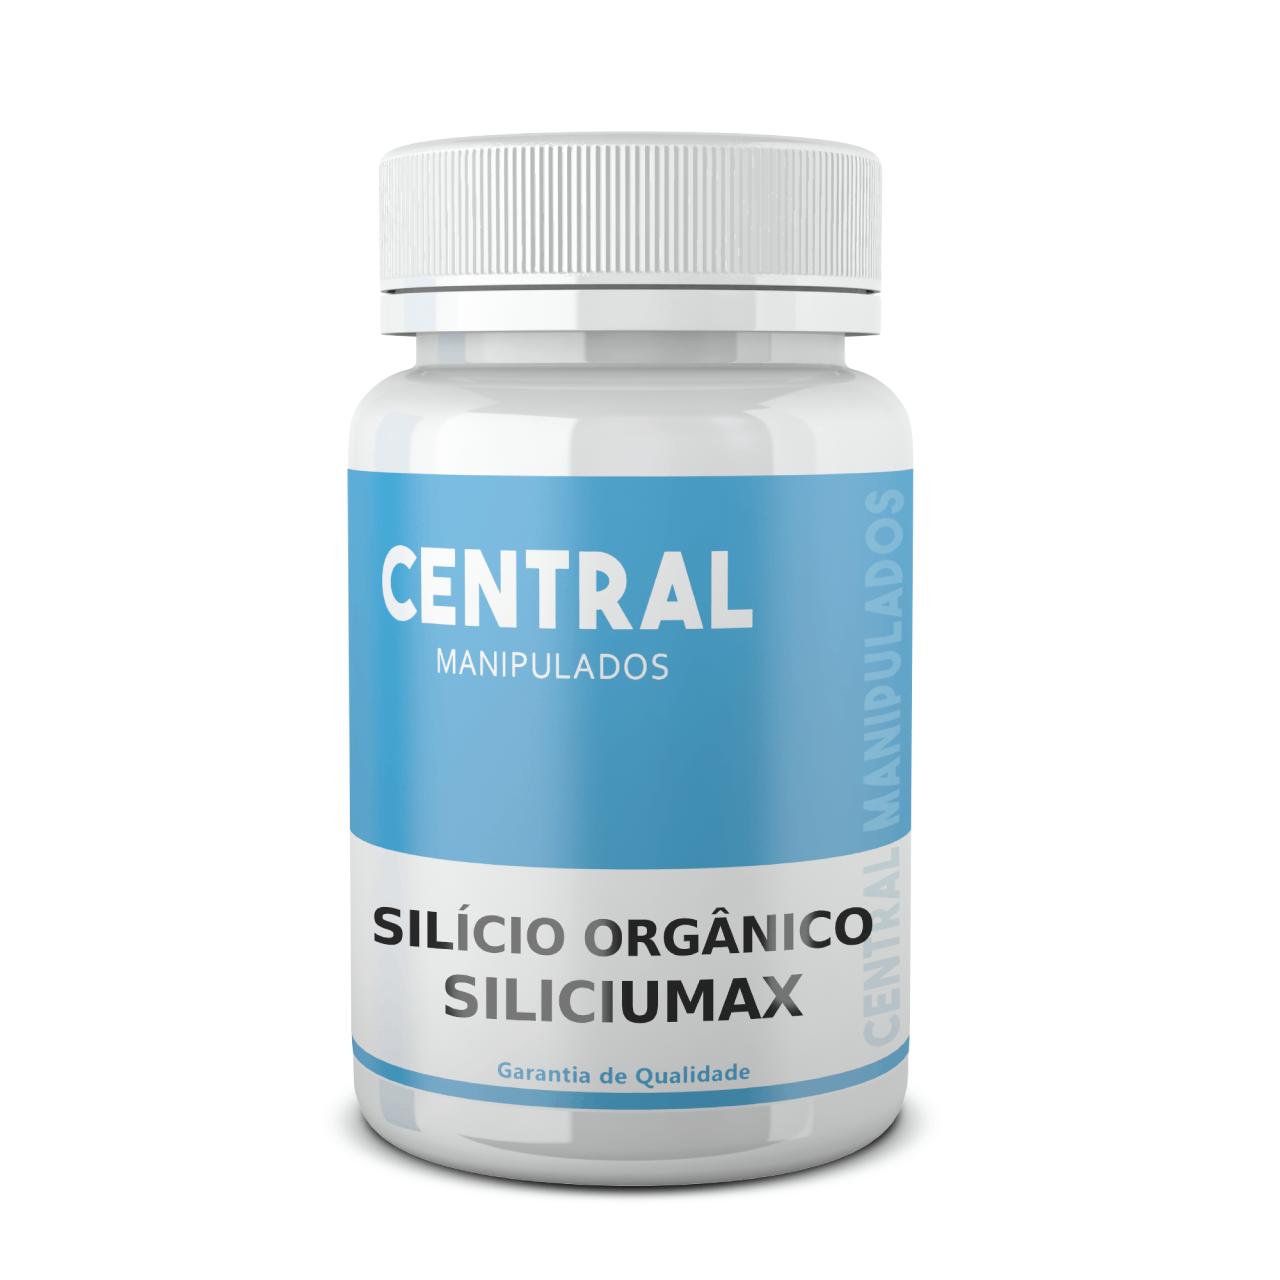 Silício Orgânico SiliciuMax® 300mg - 60 CÁPSULAS